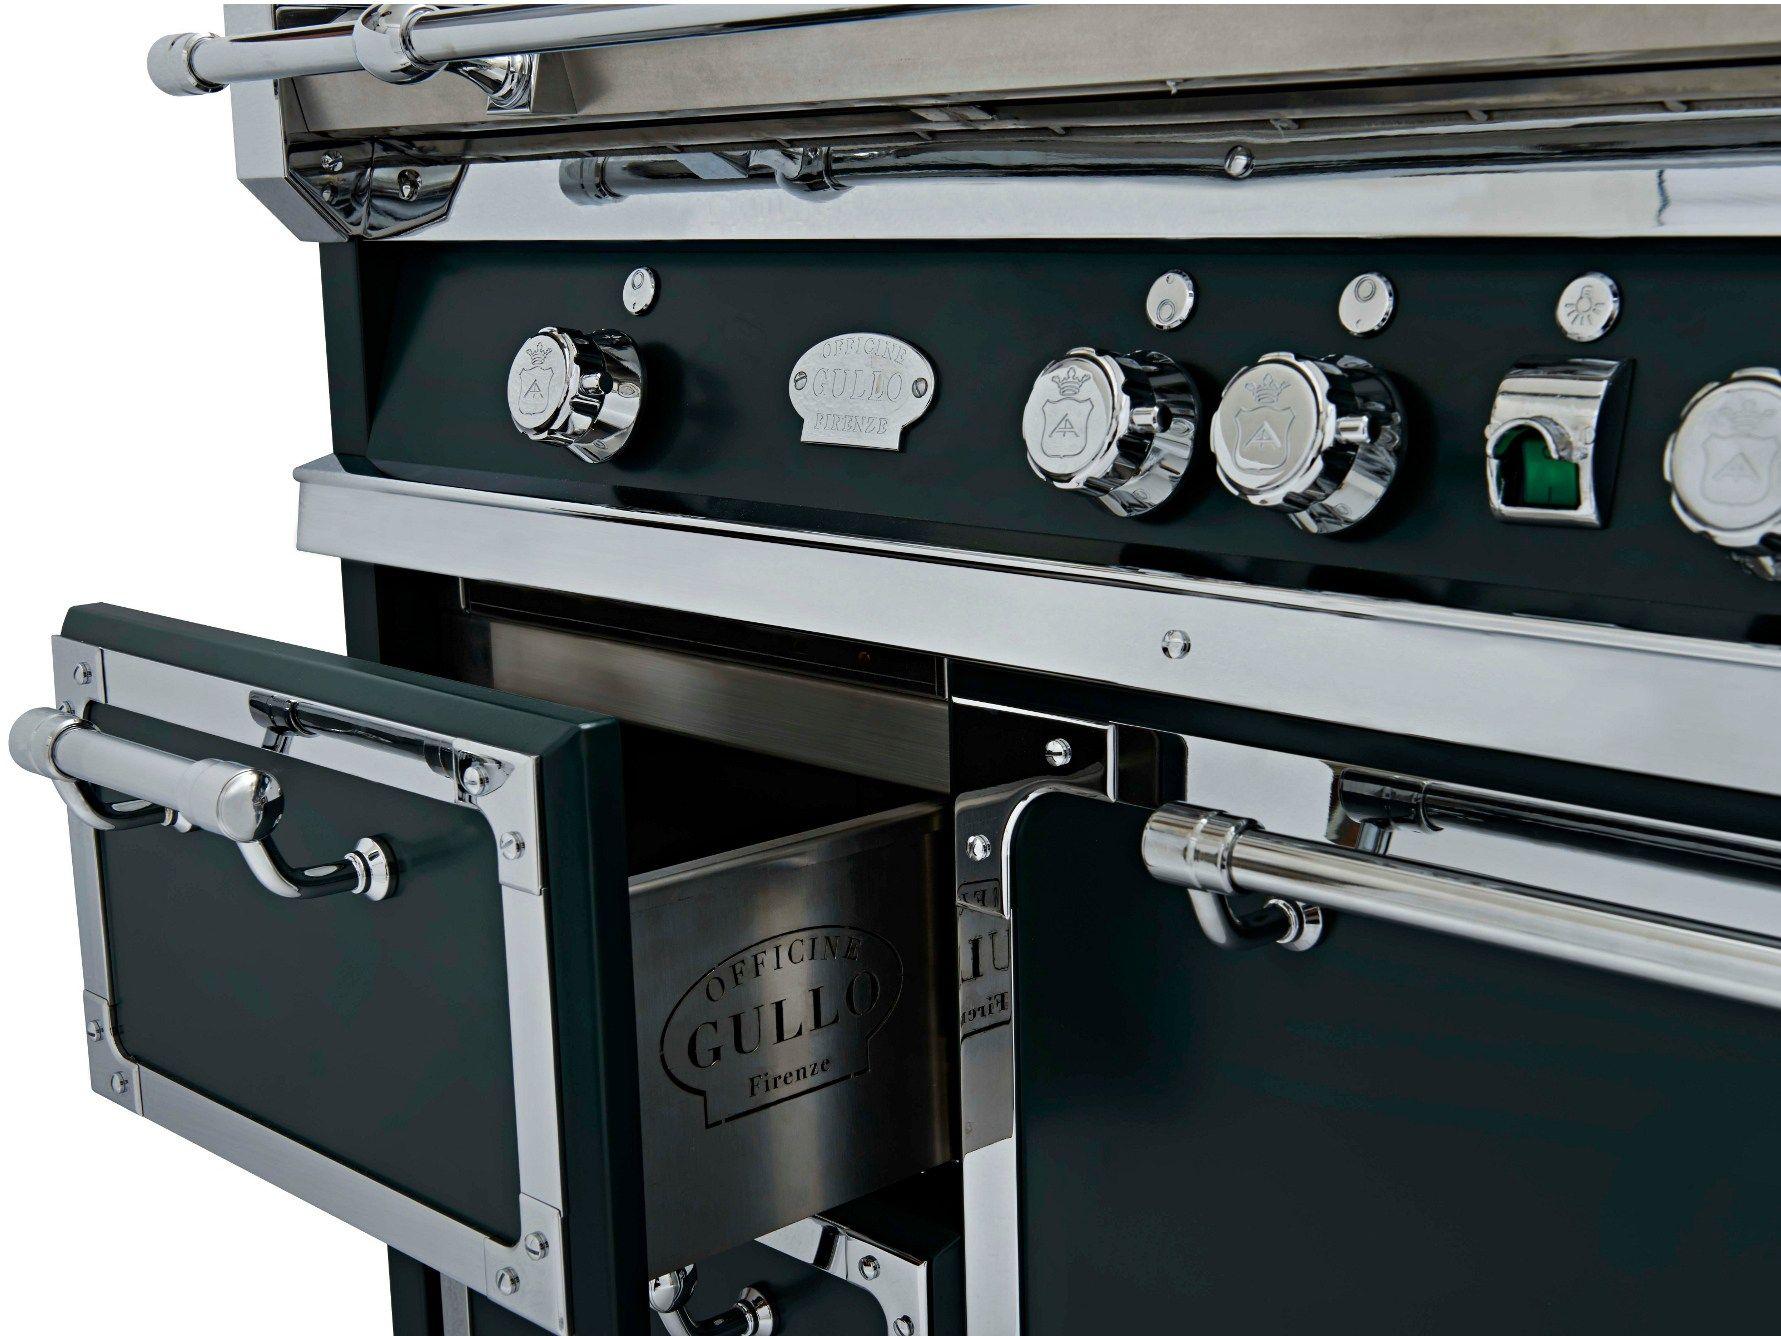 Og168 cucina a libera installazione by officine gullo for Cucina libera installazione